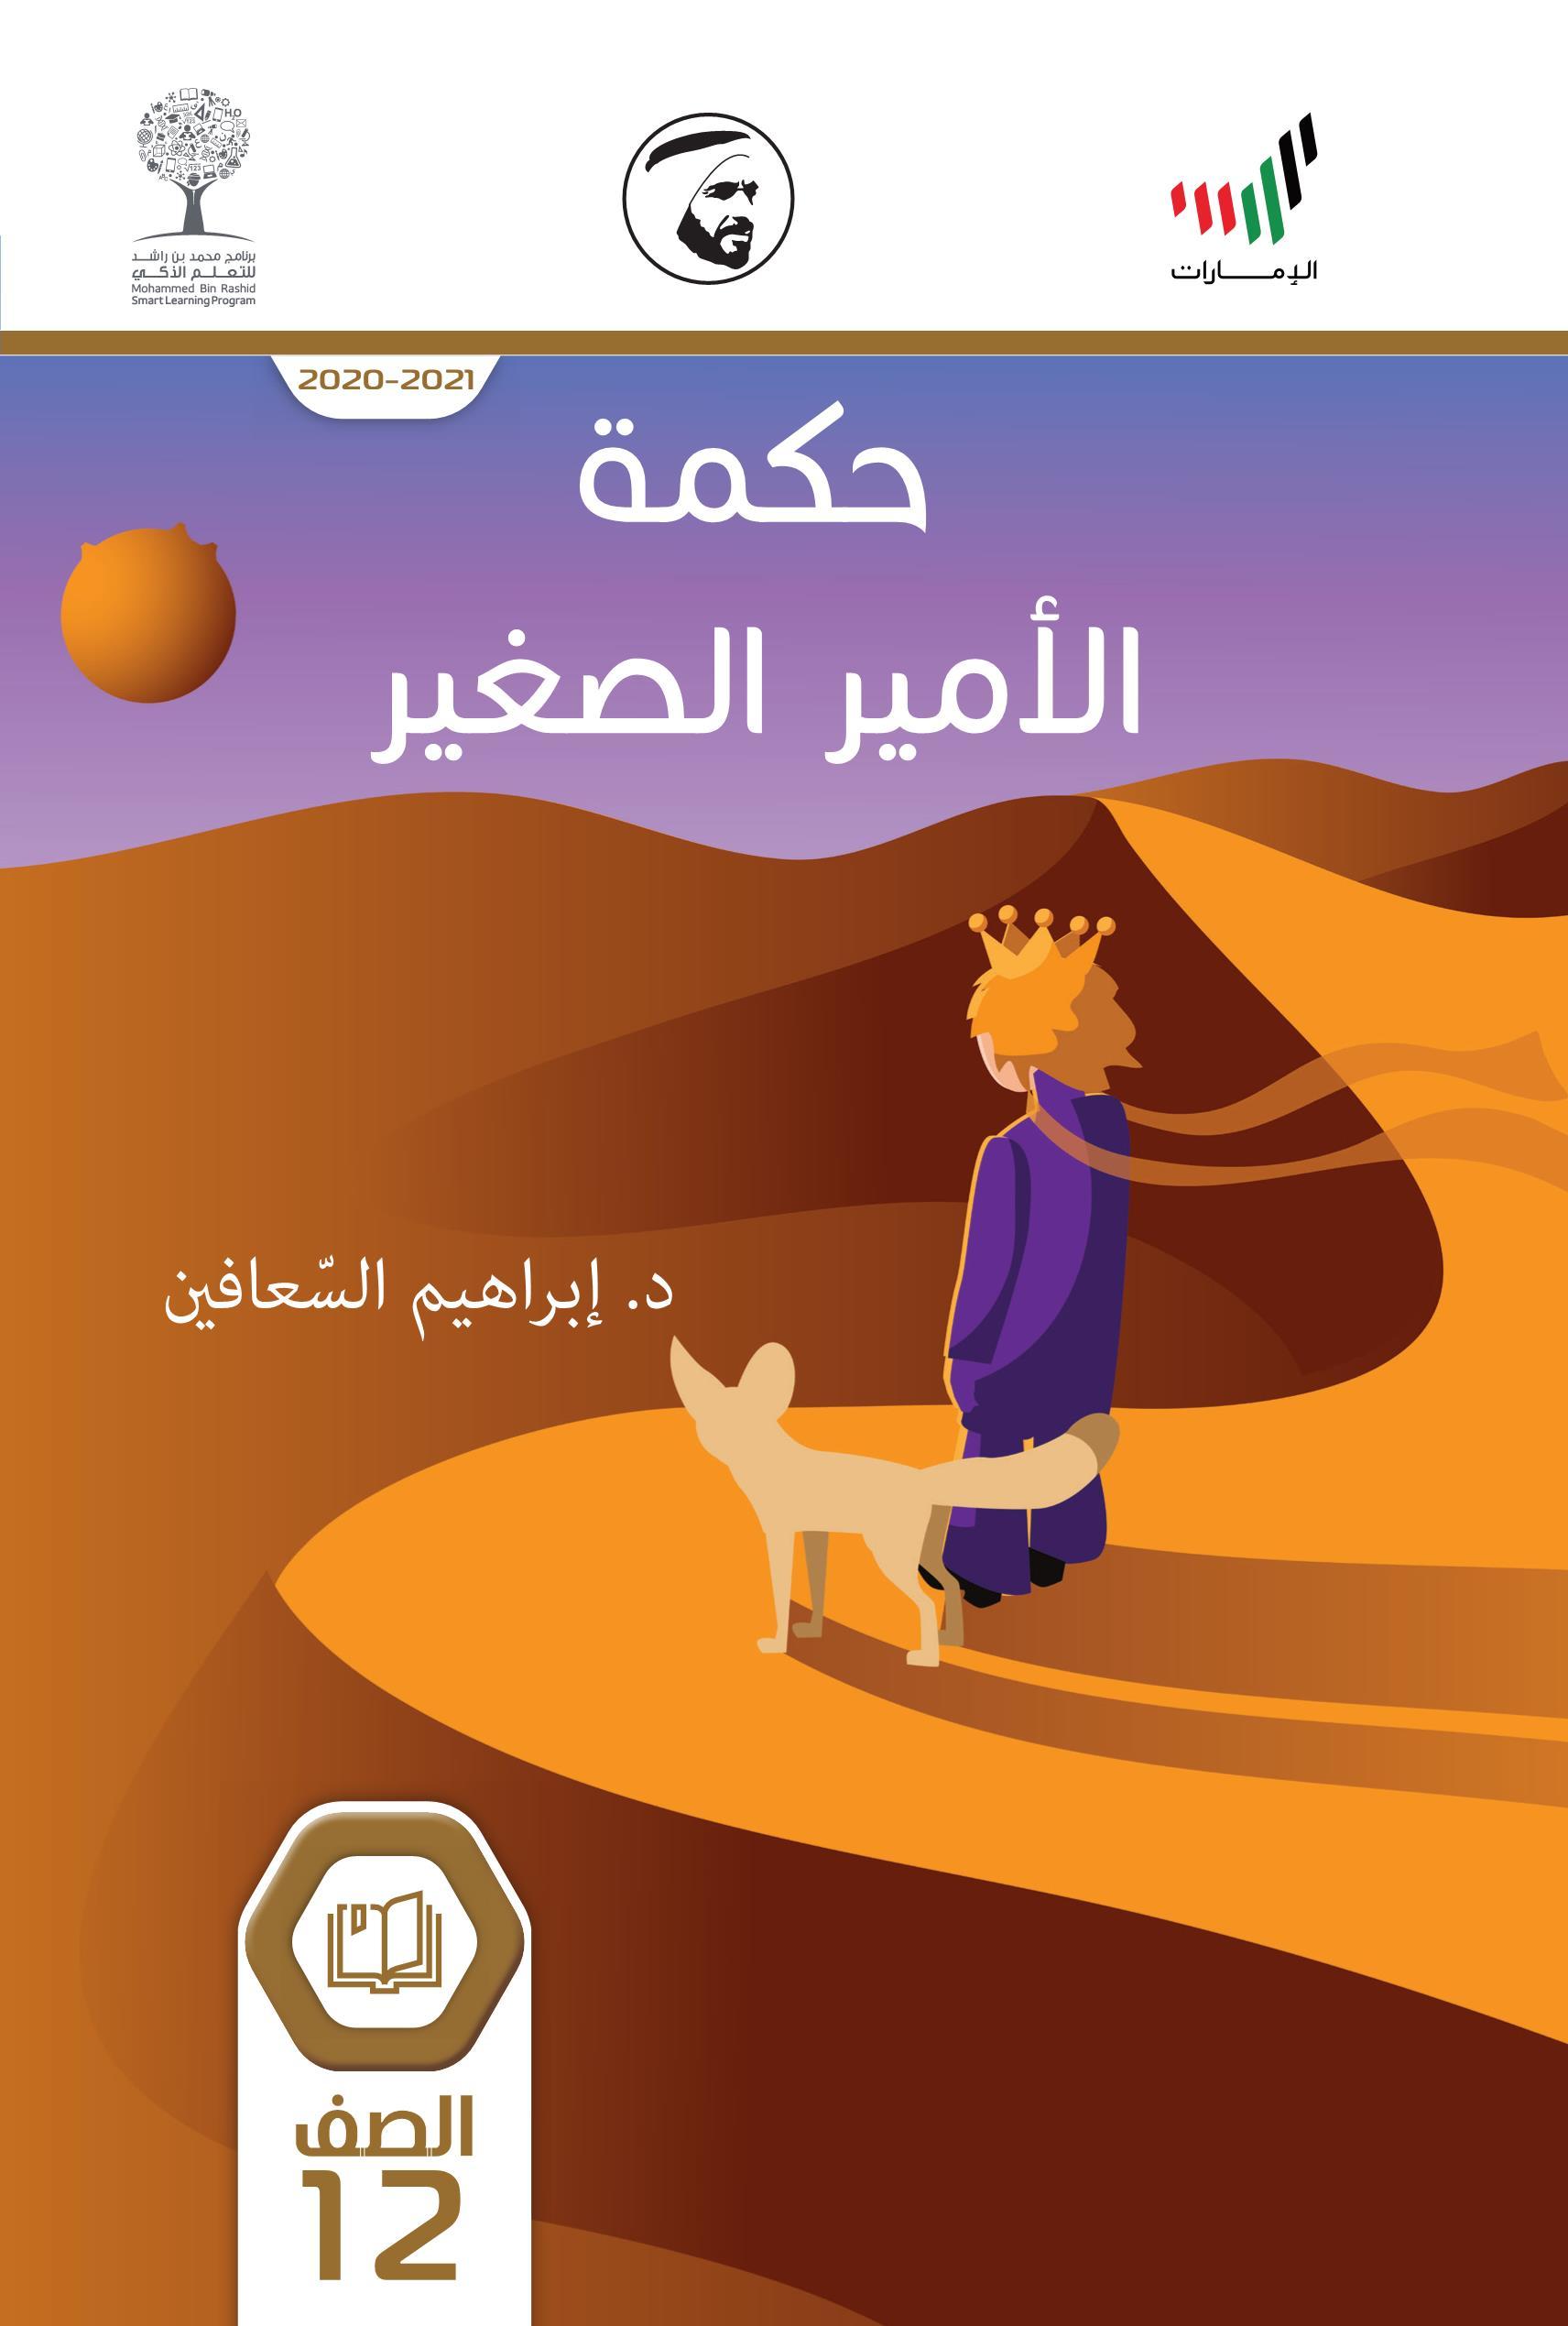 كتاب حكمة الامير الصغير 2020-2021 الصف الثاني عشر مادة اللغة العربية